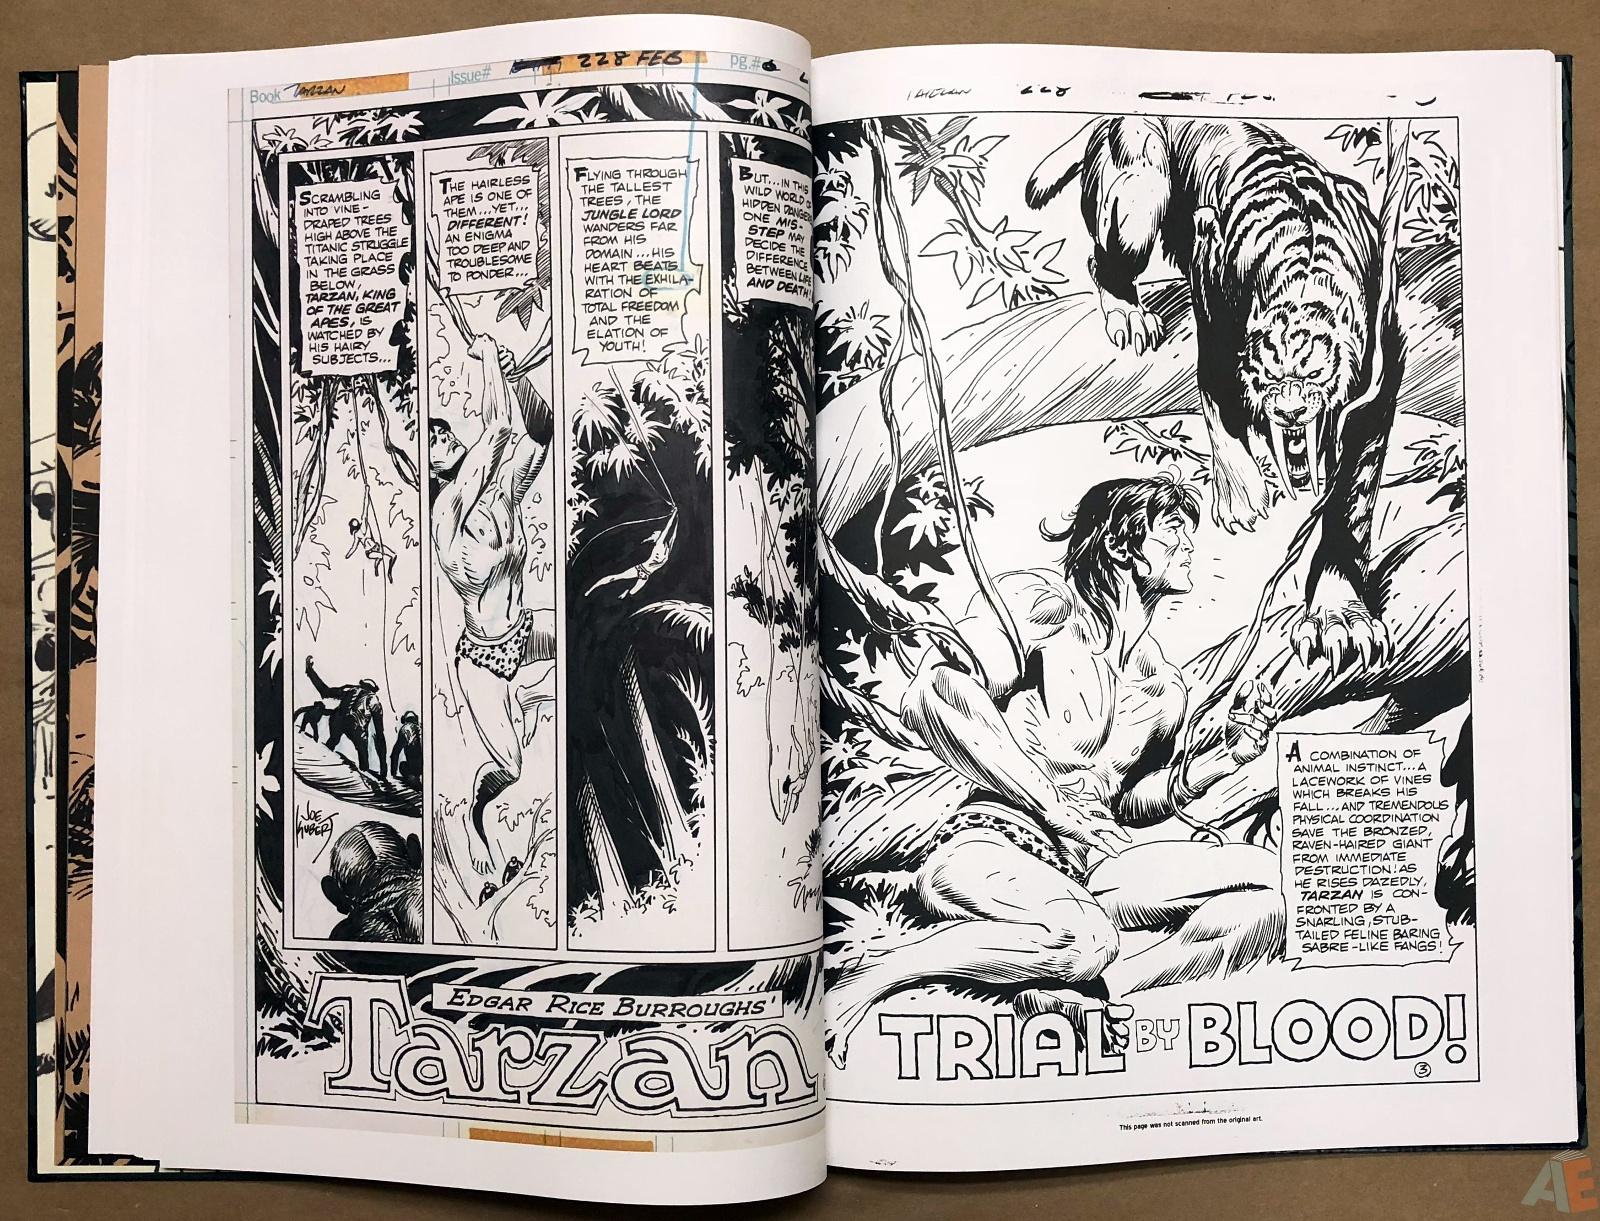 Joe Kubert's Tarzan and the Lion Man Artist's Edition 22